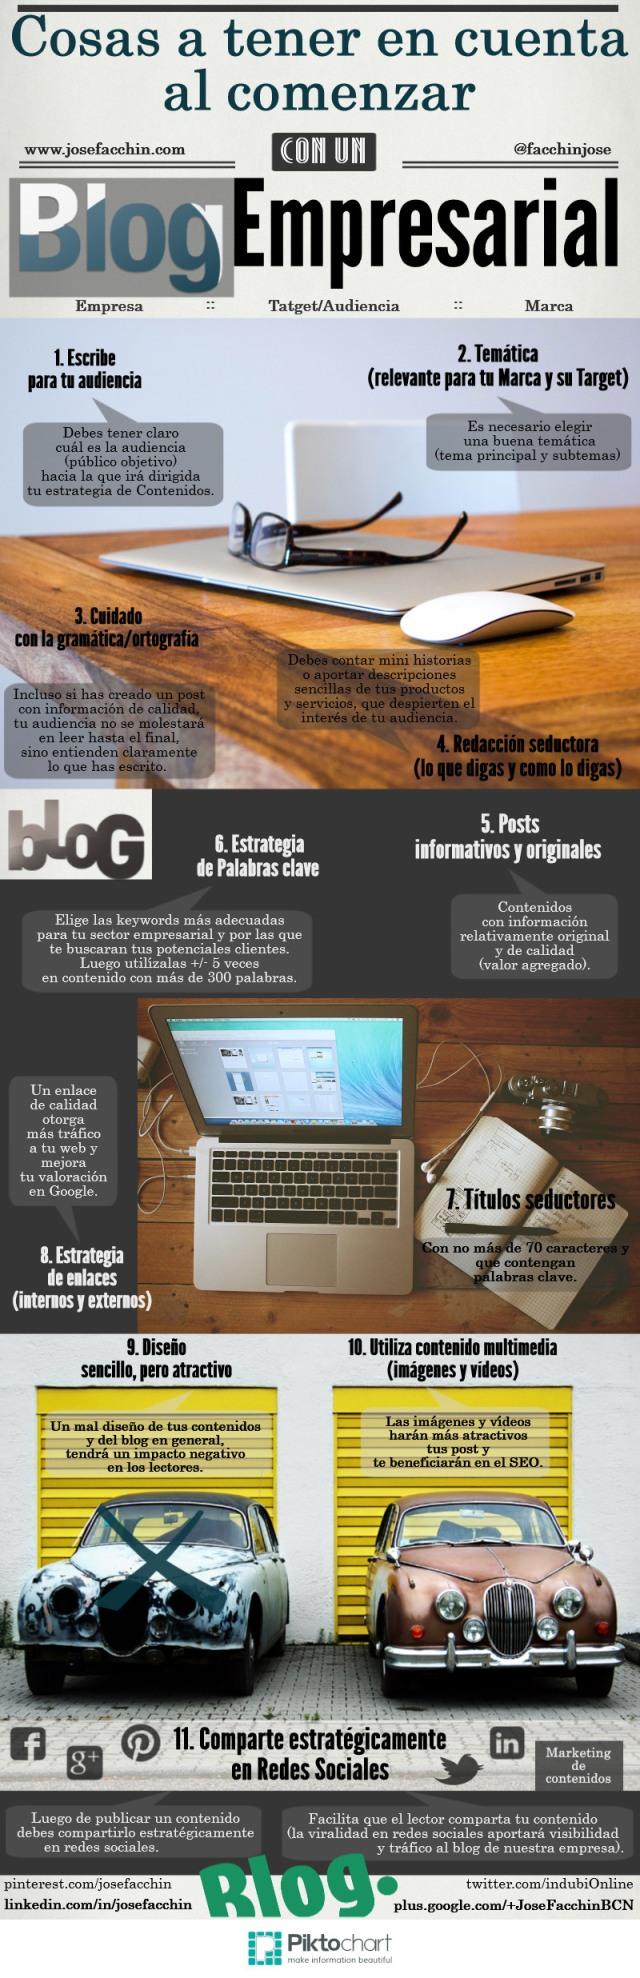 Qué tener en cuenta al comenzar un blog de empresa